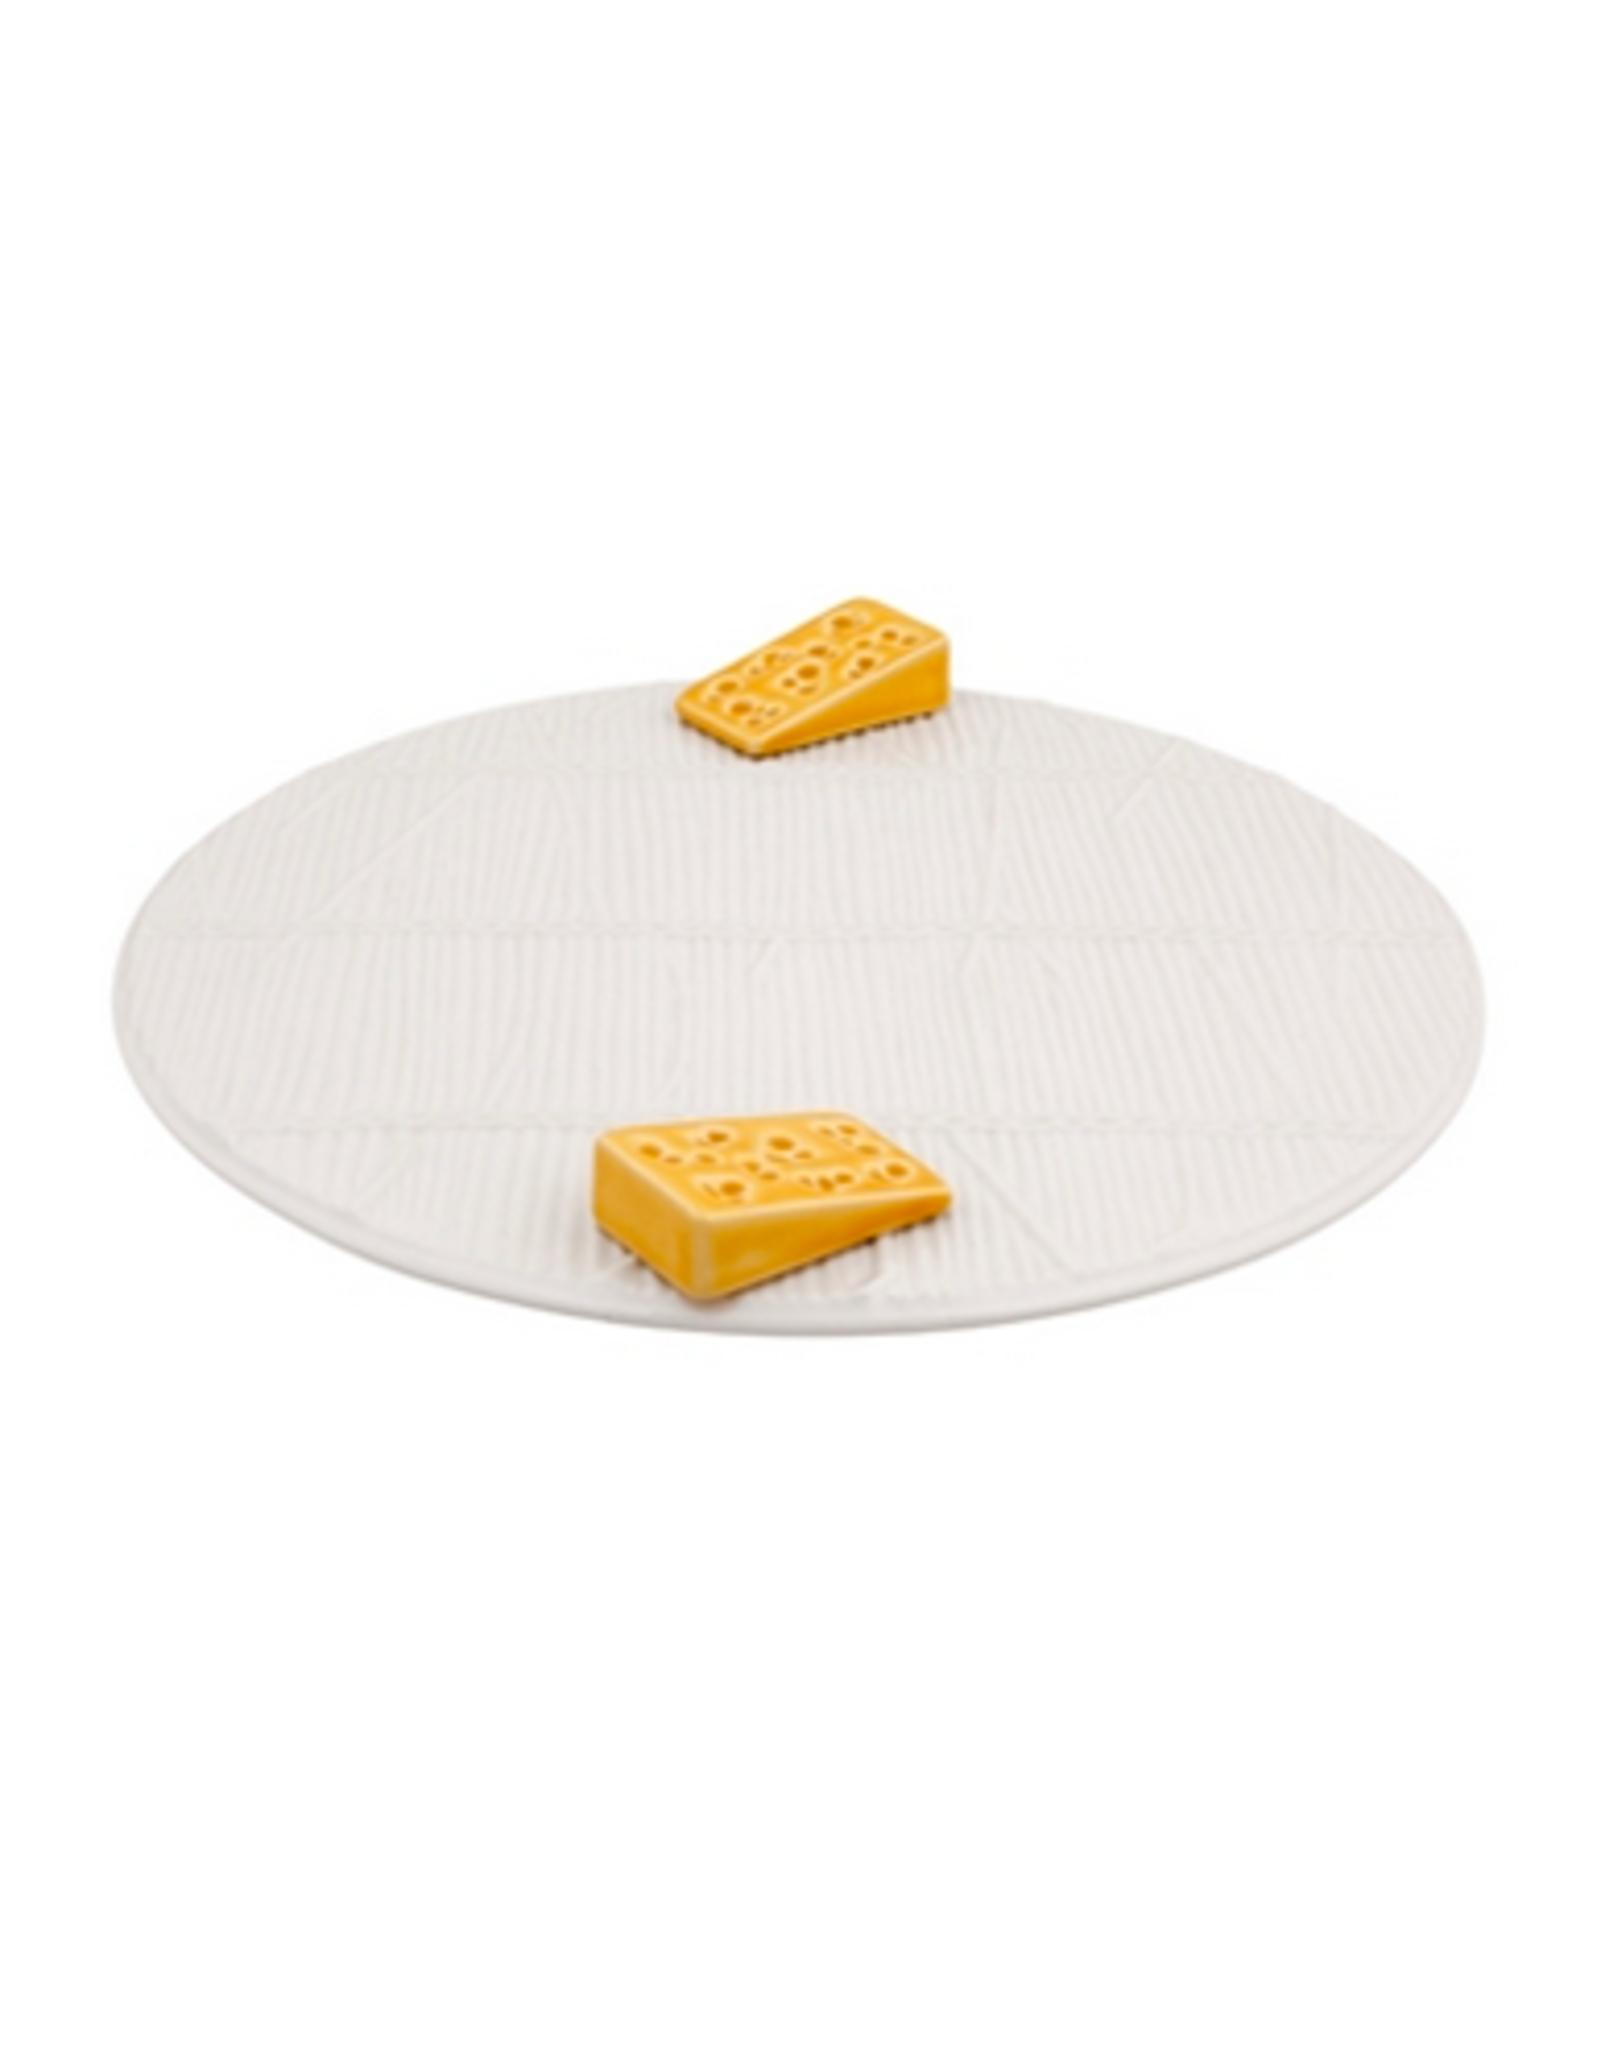 Bordalo Pinheiro White cheese tray